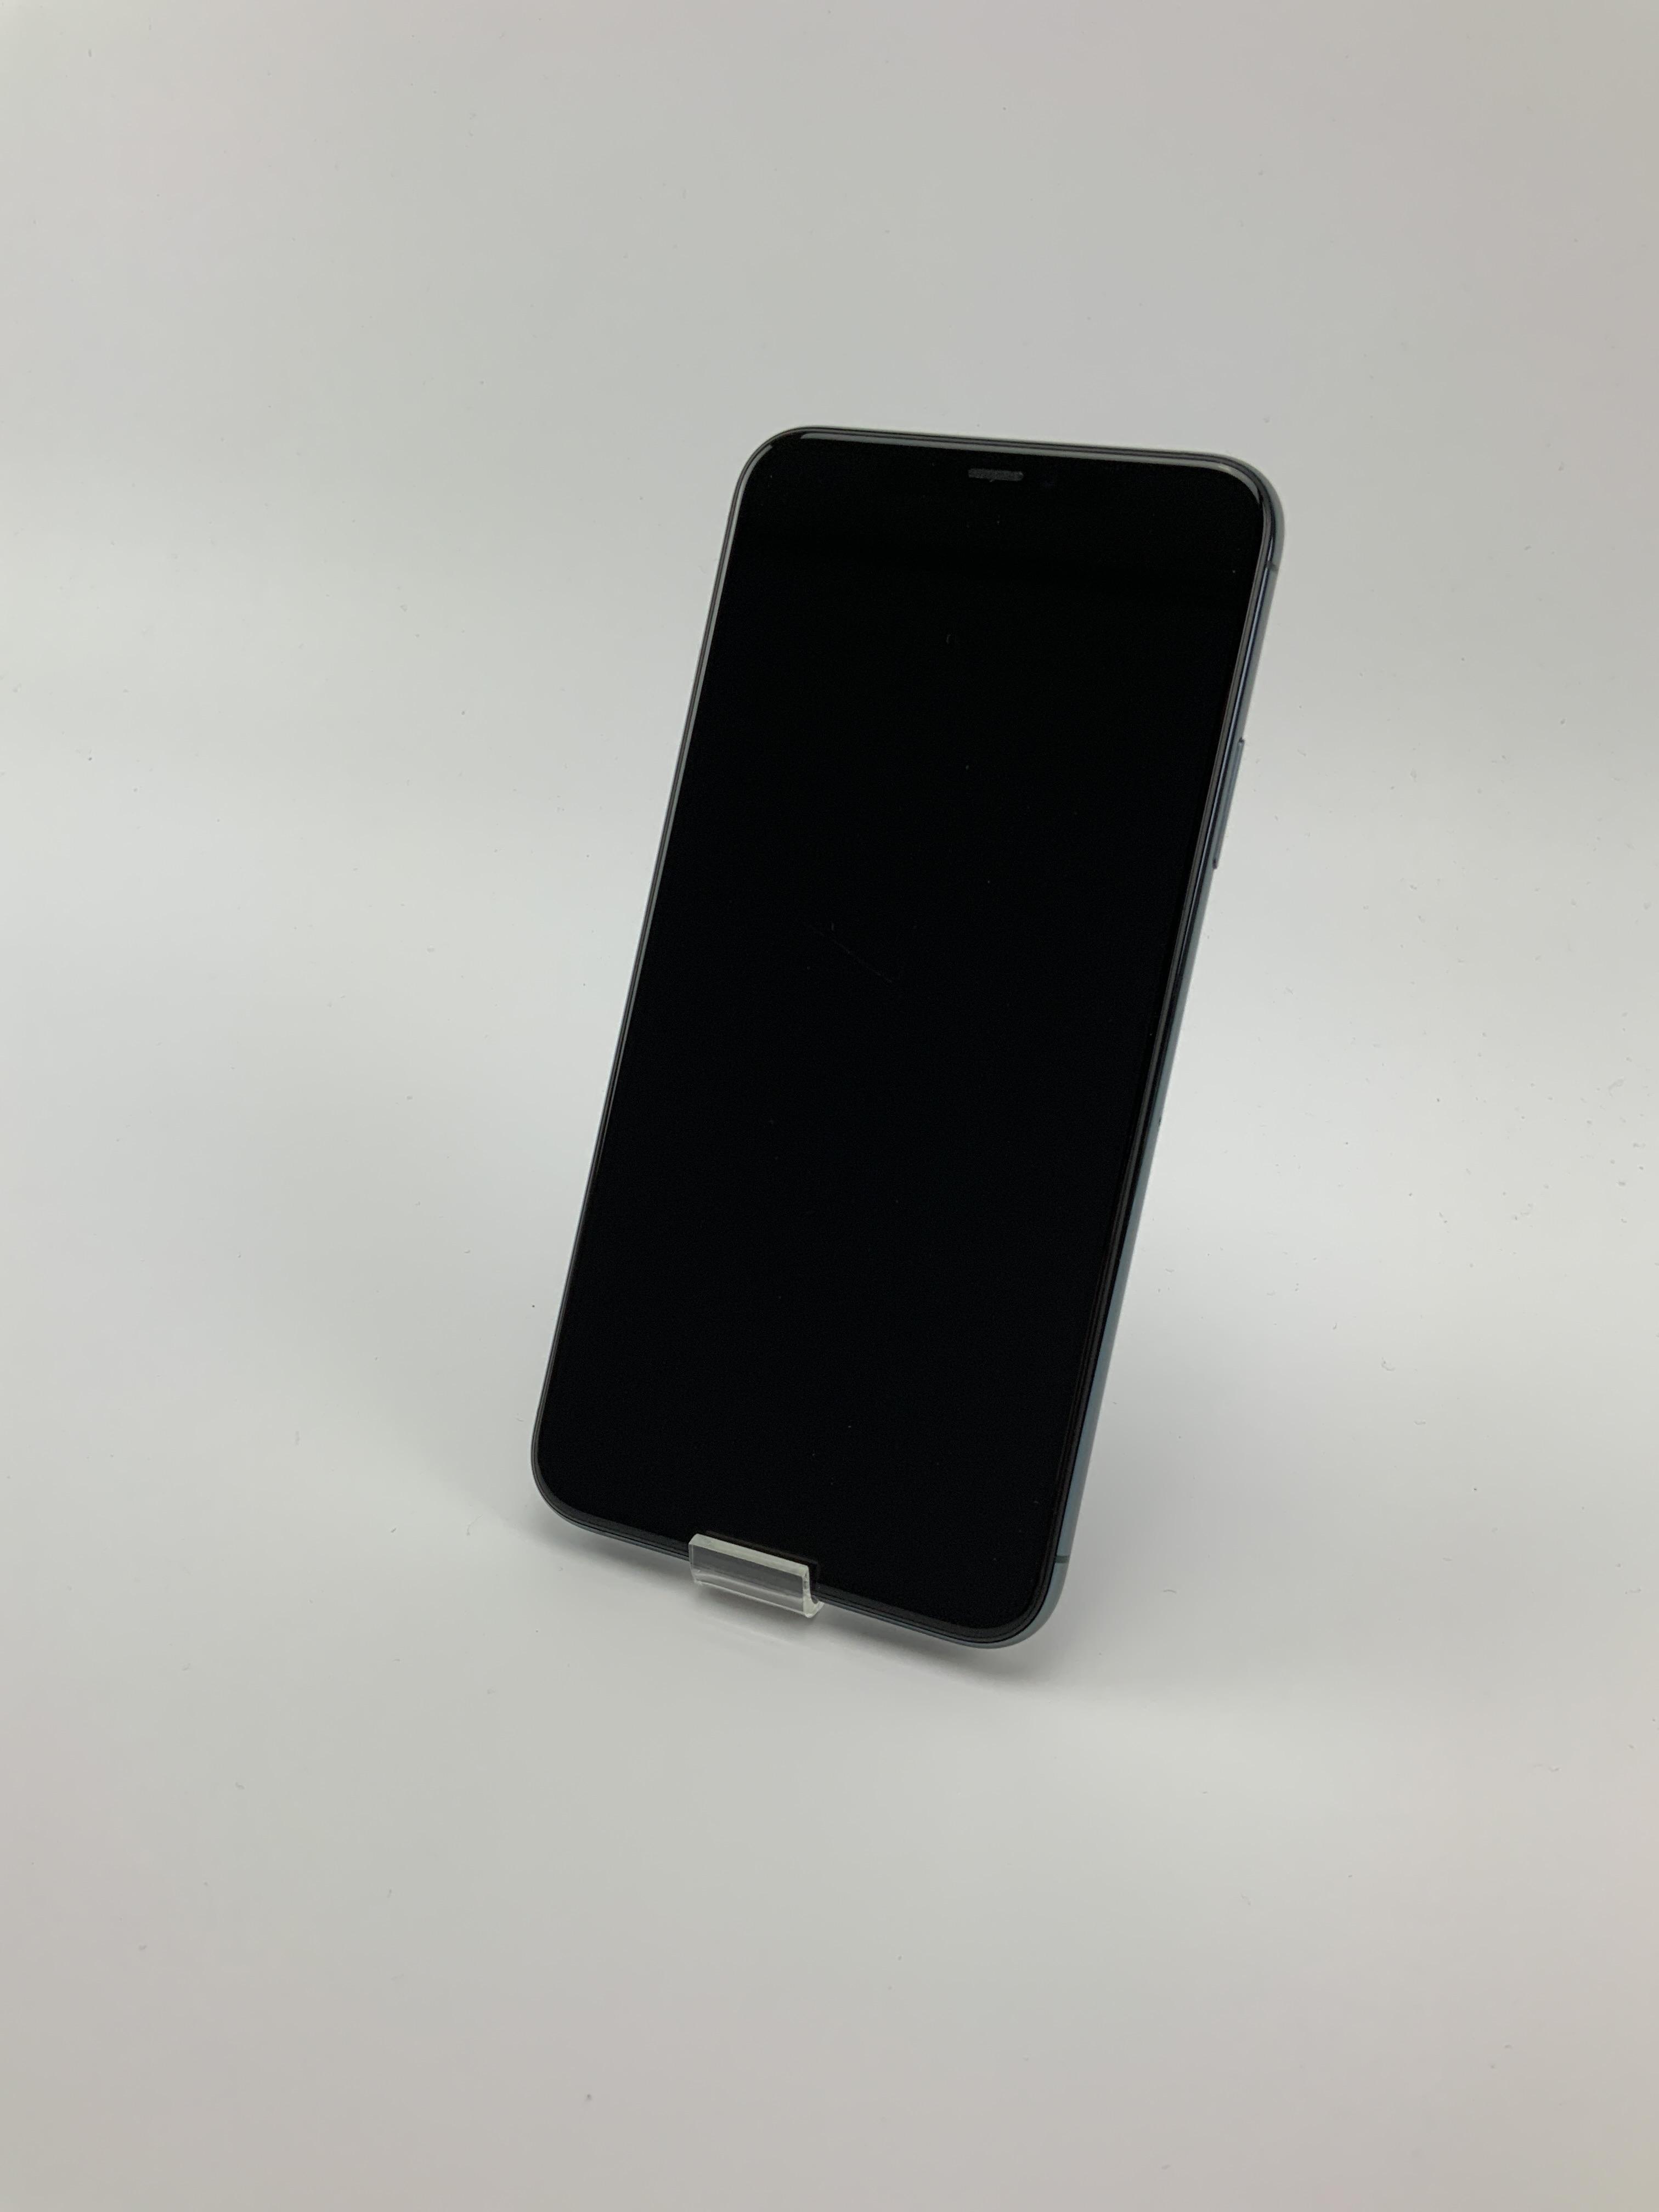 iPhone 11 Pro Max 64GB, 64GB, Midnight Green, obraz 1